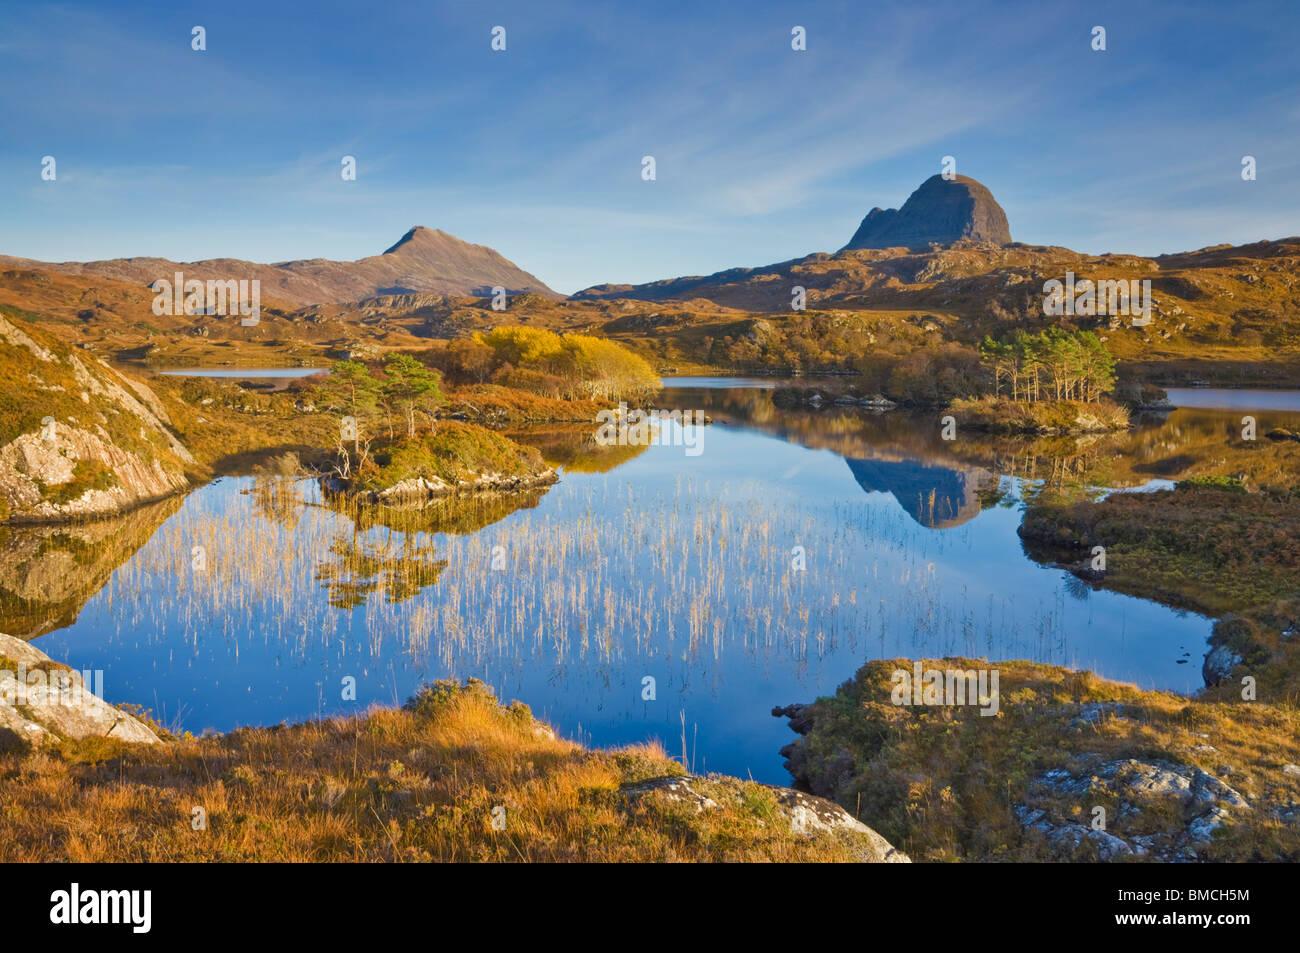 Deux Montagnes de Suilven et Canisp du Loch Druim Suardalain, Sutherland, nord ouest de l'Ecosse, UK, FR, EU, Photo Stock